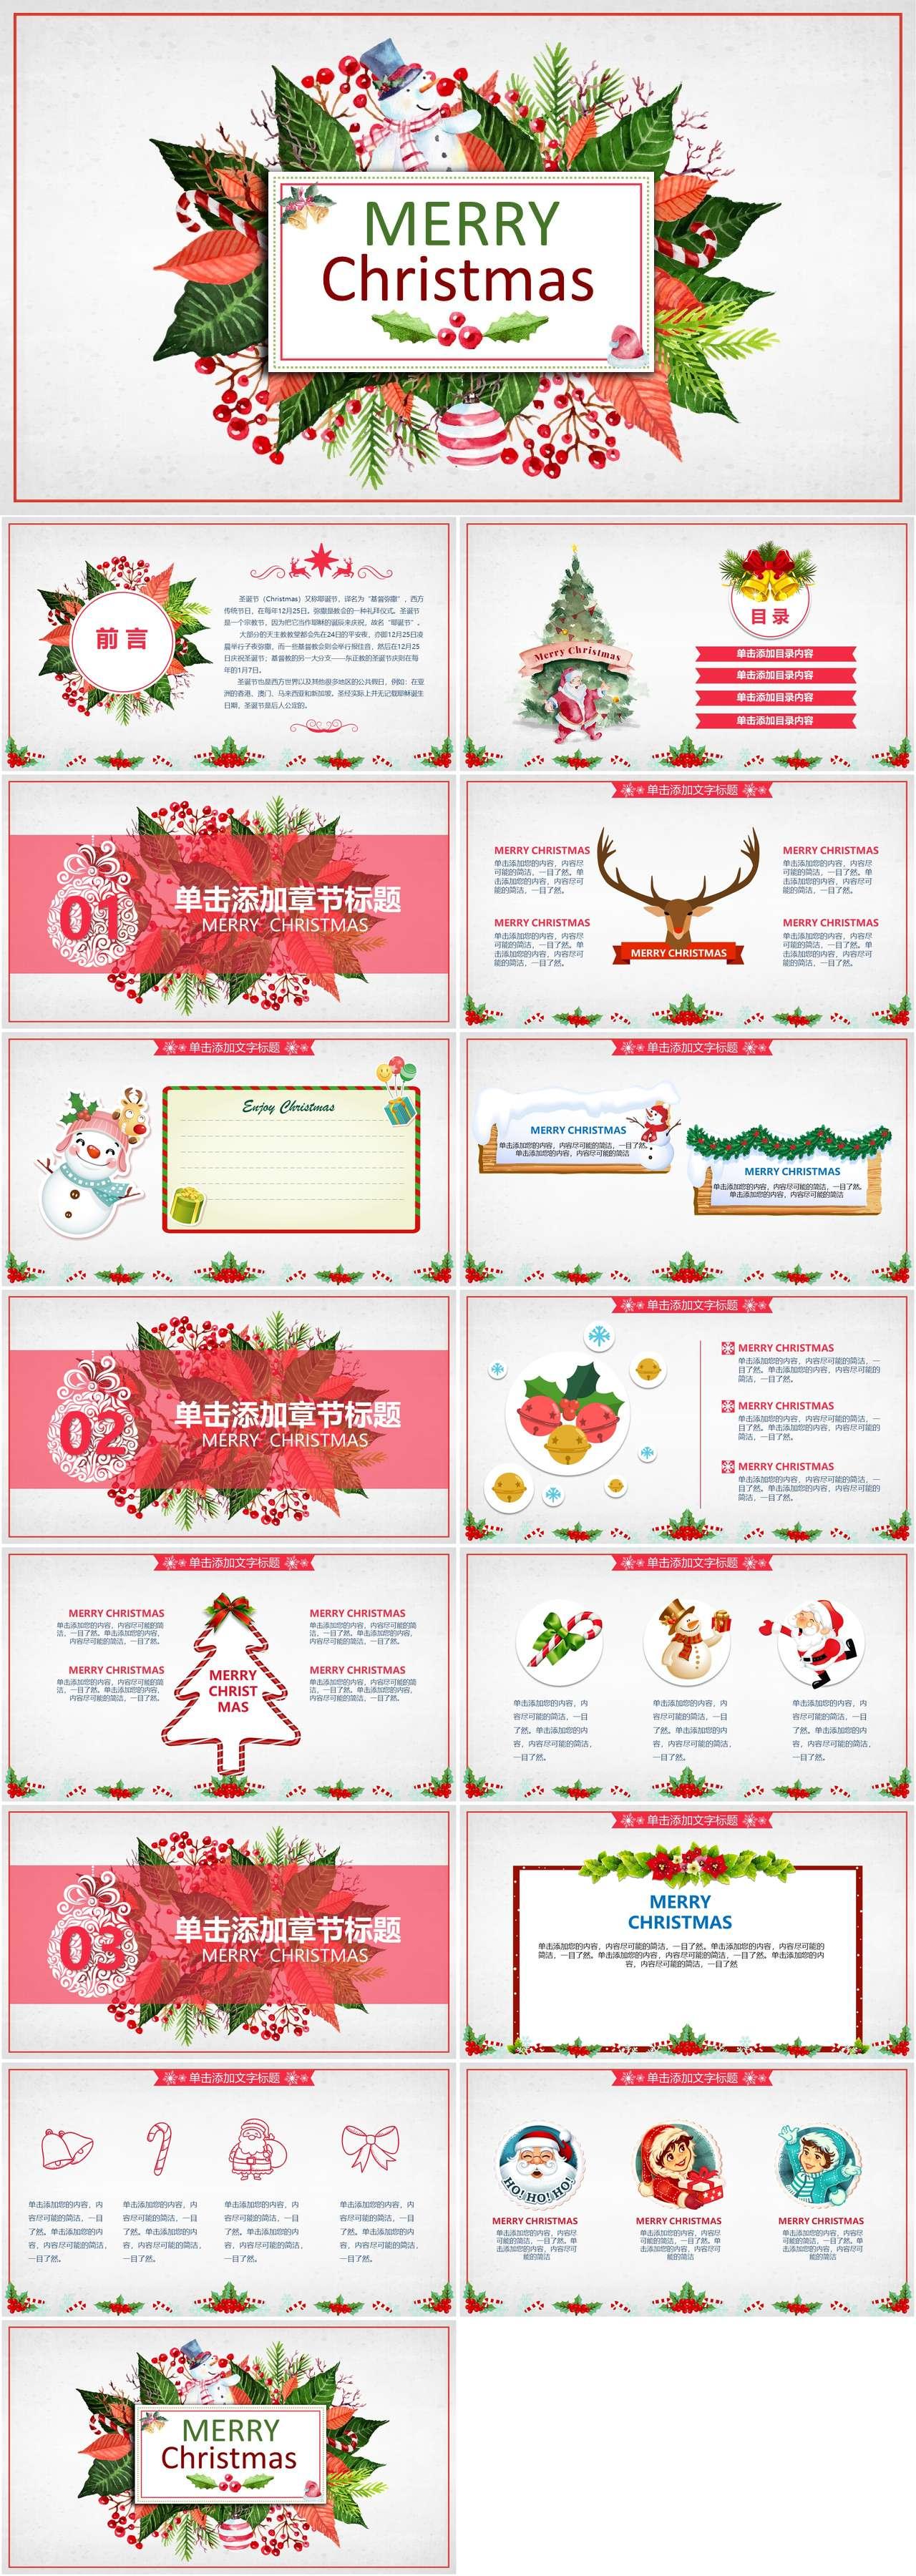 创意圣诞节圣诞活动策划通用PPT模板插图1